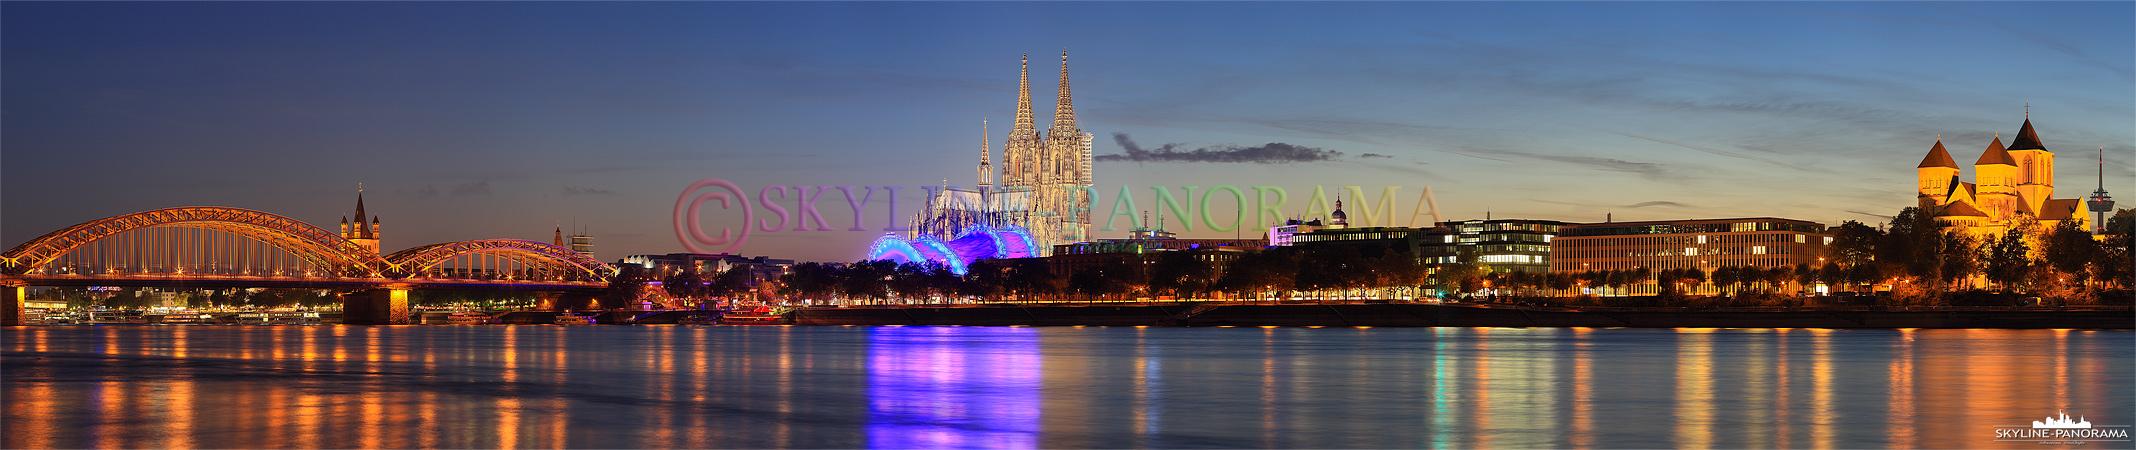 Skyline vom Rheinufer - Panorama der Kölner Skyline in der Blauen Stunde, der Blick geht links beginnend, von der Hohenzollernbrücke mit der dahinter liegenden Kirche Groß Sankt Martin, zum Kölner Dom, dem Konrad-Adenauer-Ufer, bis hin zum Kunibertskloster.